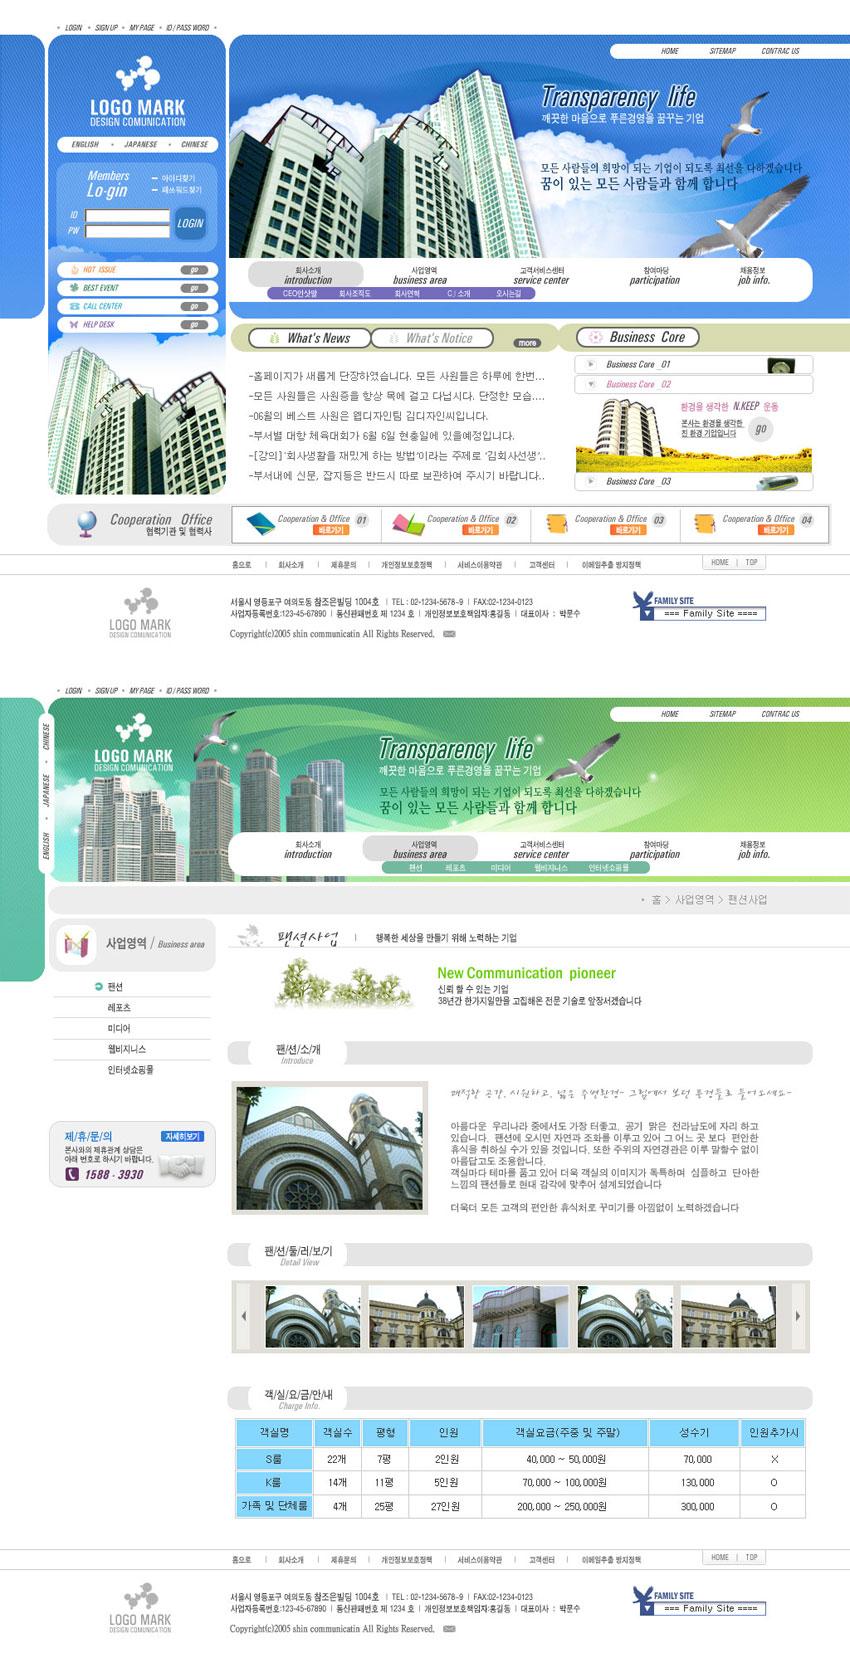 韩国网页度假旅游酒店网站模板psd分层素材下载